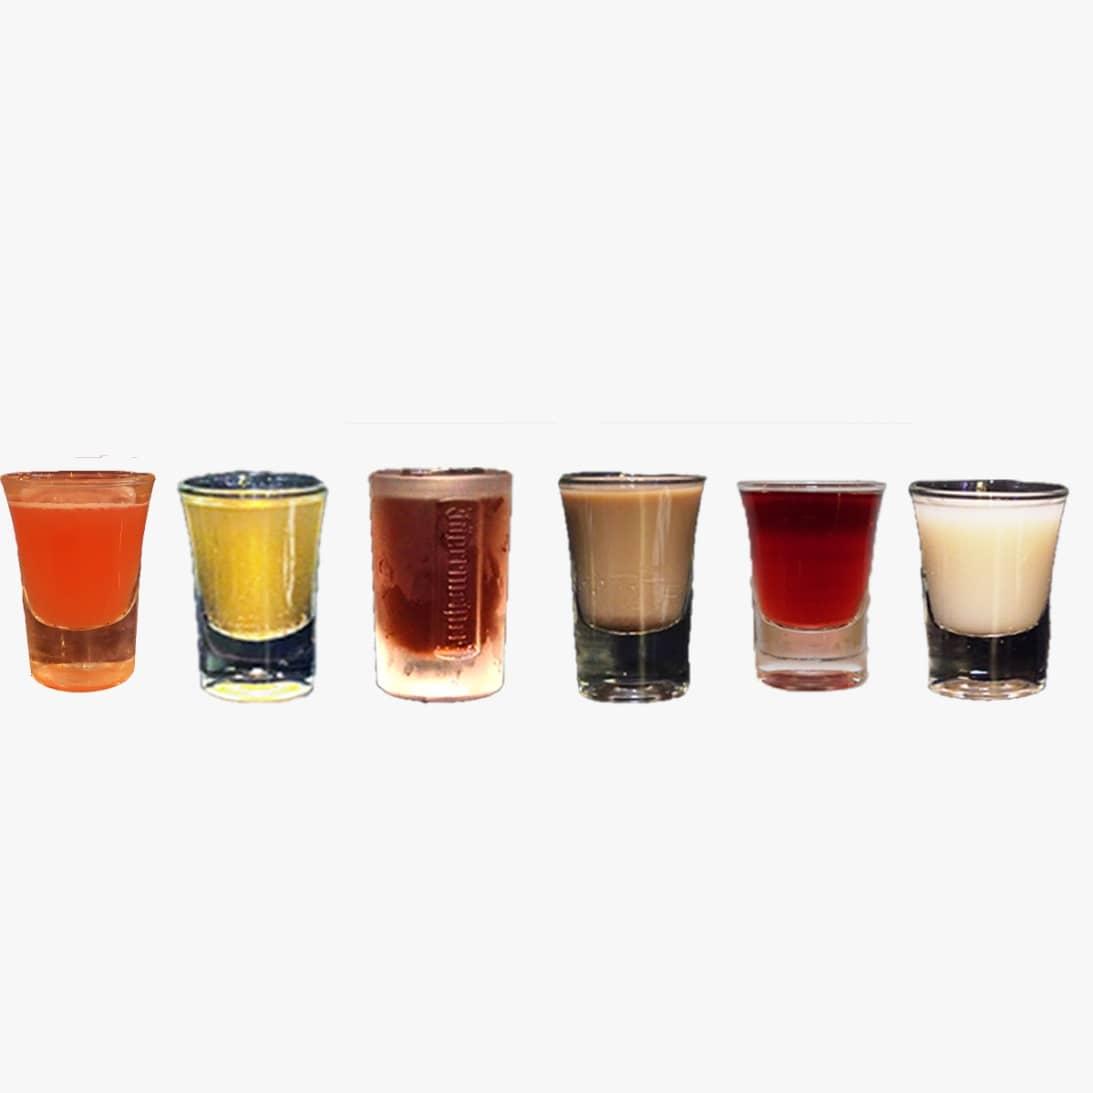 12 x Shots (1 flavour)